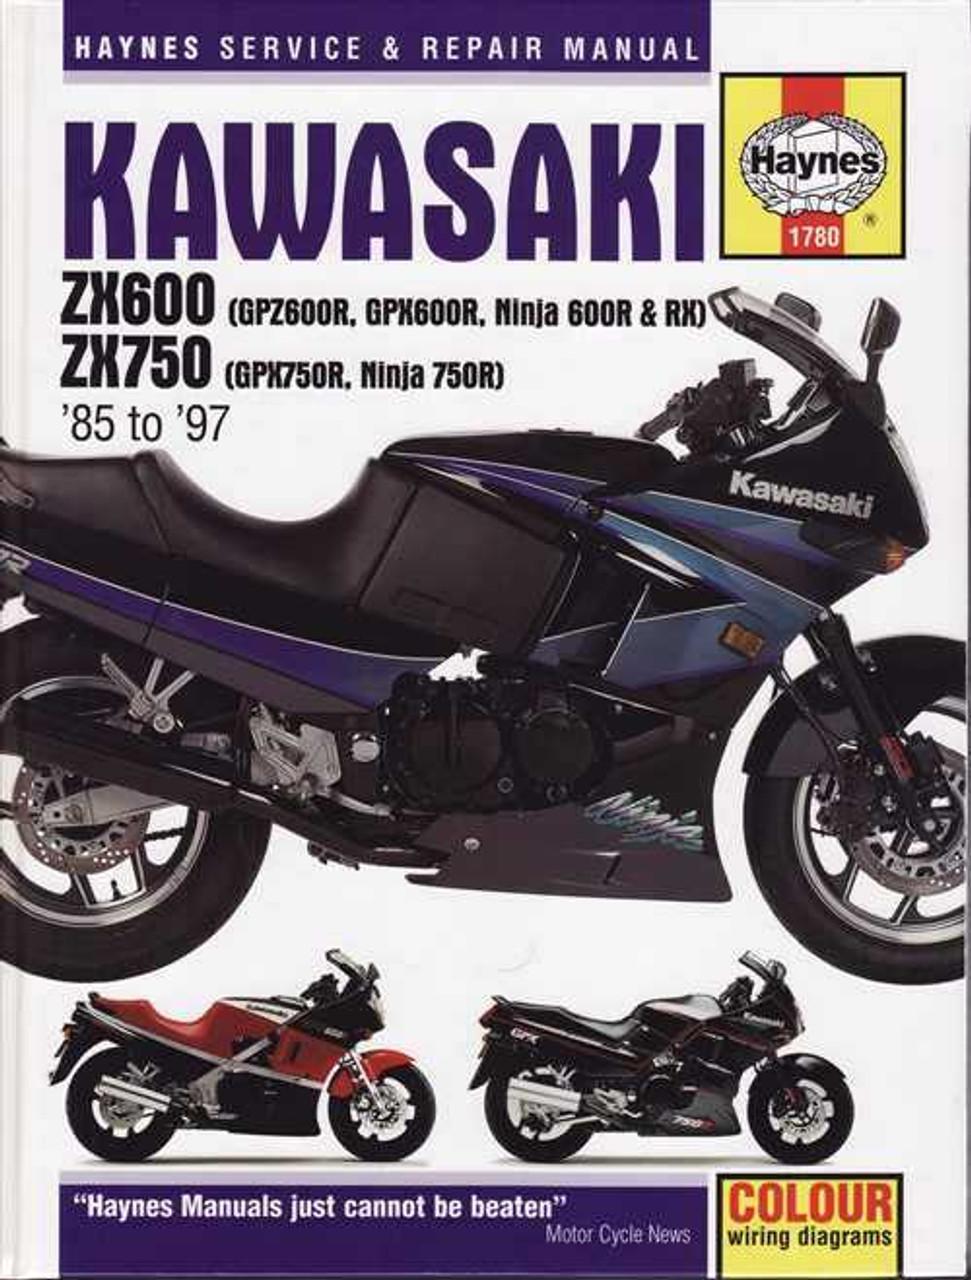 kawasaki zx600 zx750 1985 1997 workshop manual rh automotobookshop com au 1992 Kawasaki Ninja 600 1991 Kawasaki Ninja 600 Bobber